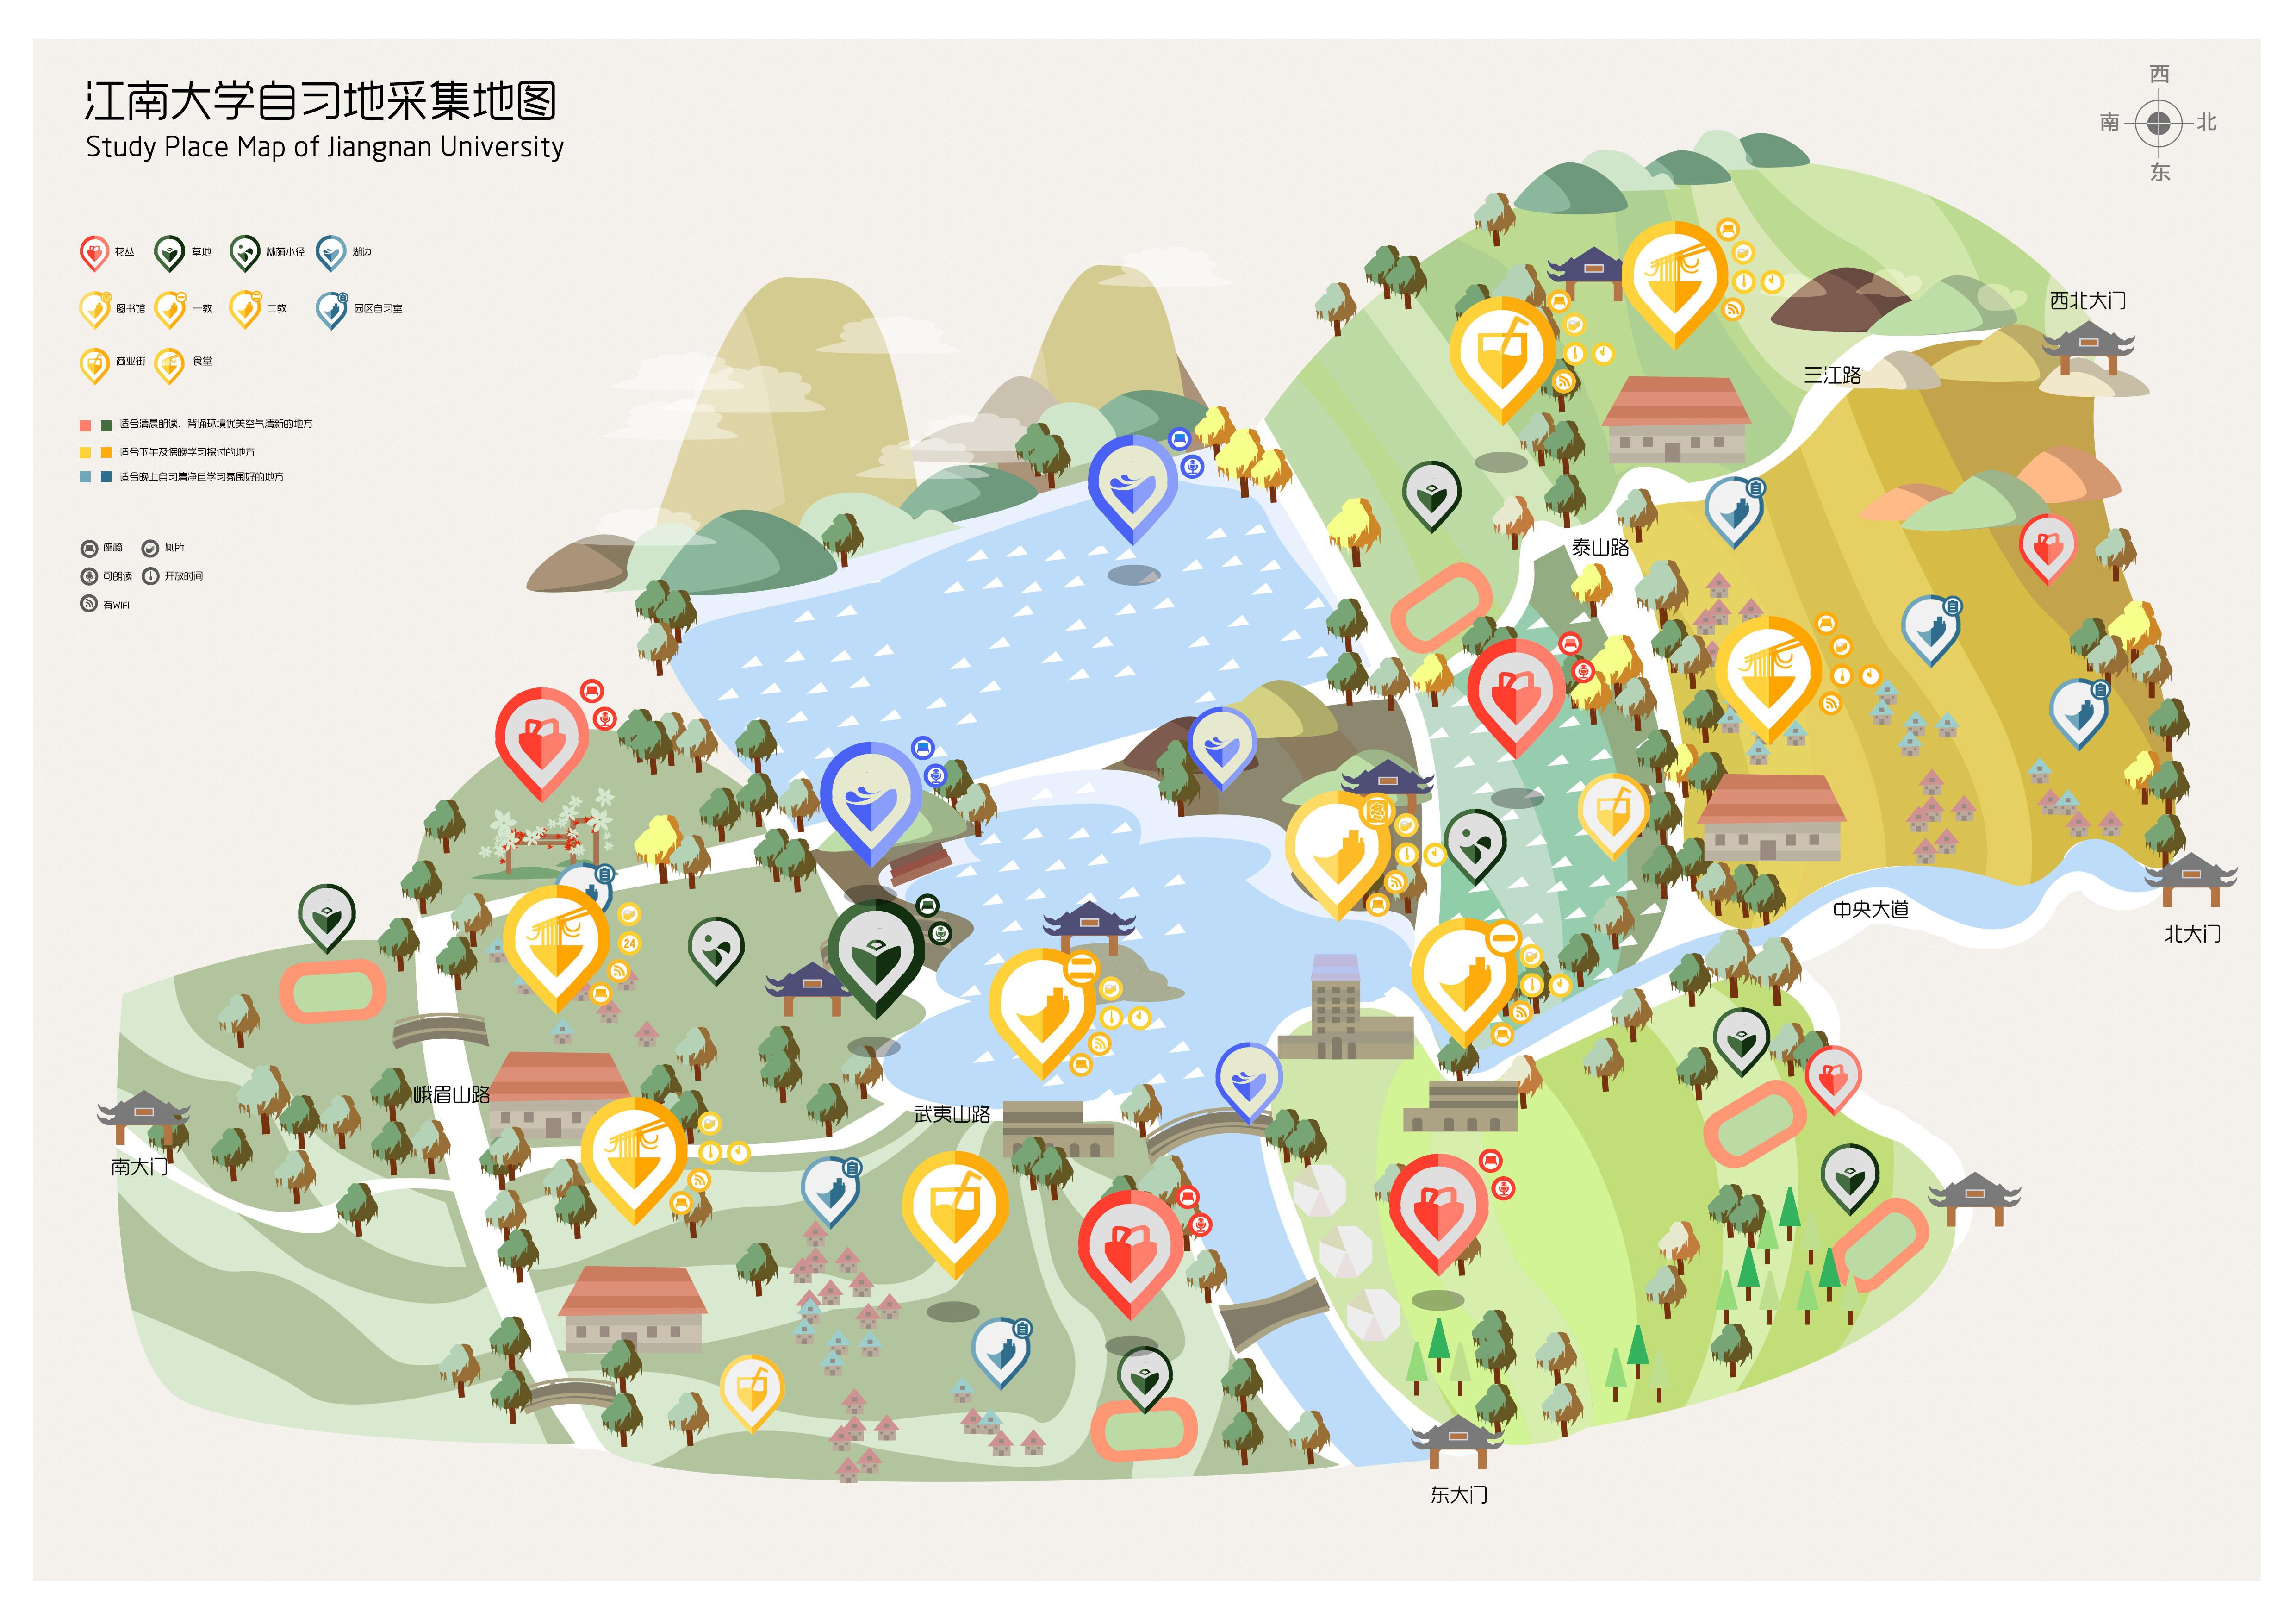 江南大学自习地地图